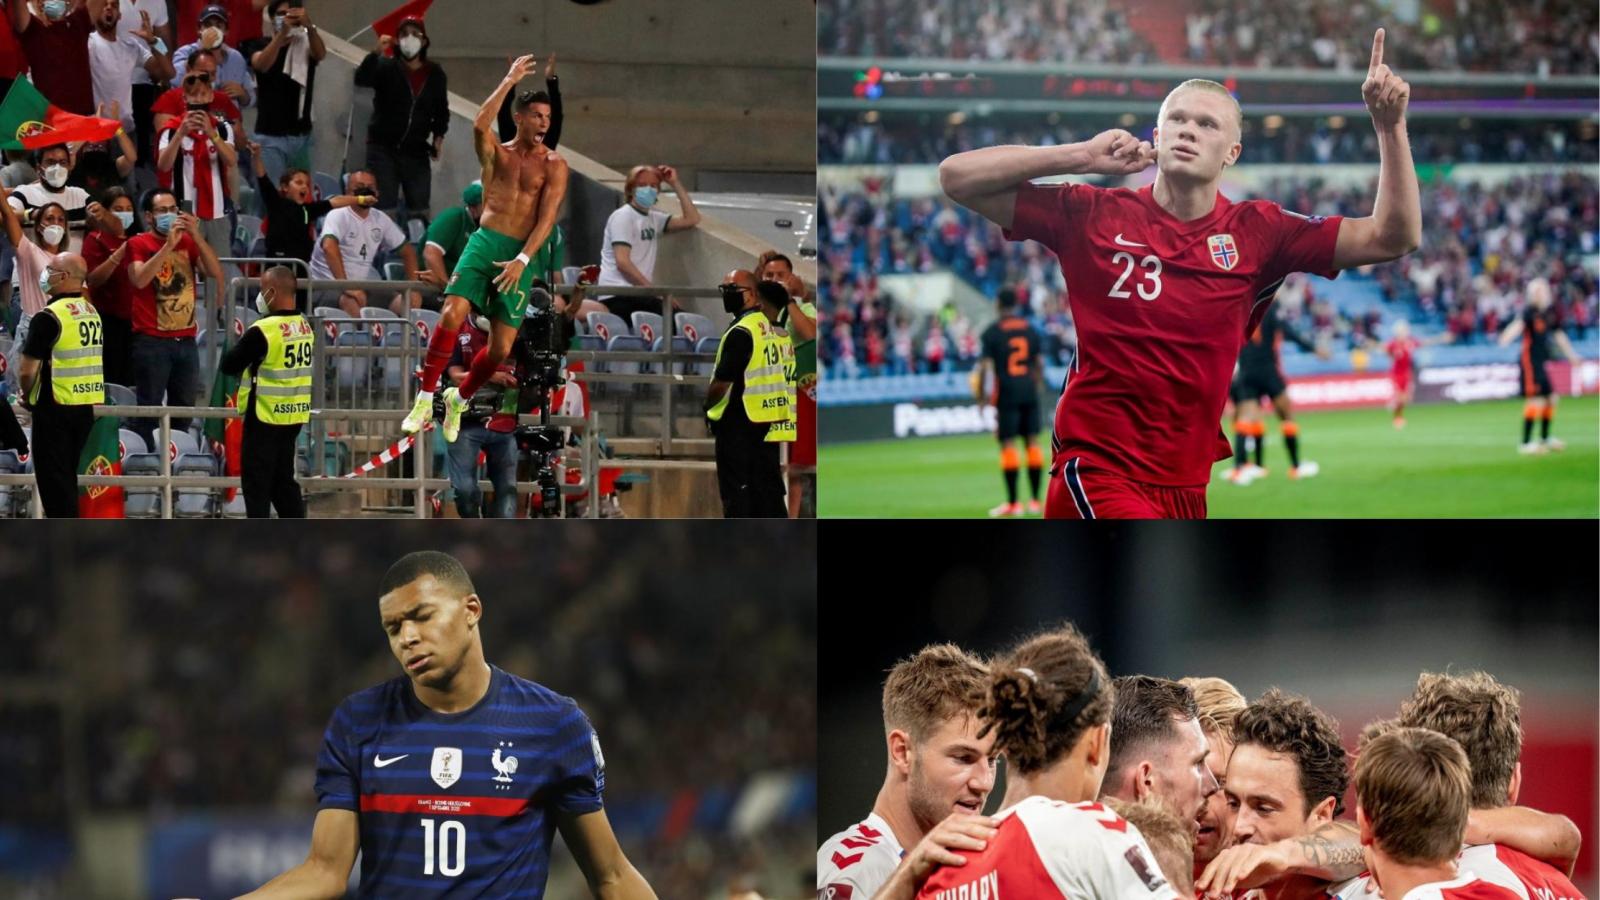 Kết quả vòng loại World Cup 2022 khu vực châu Âu (2/9): Ronaldo, Haaland thăng hoa